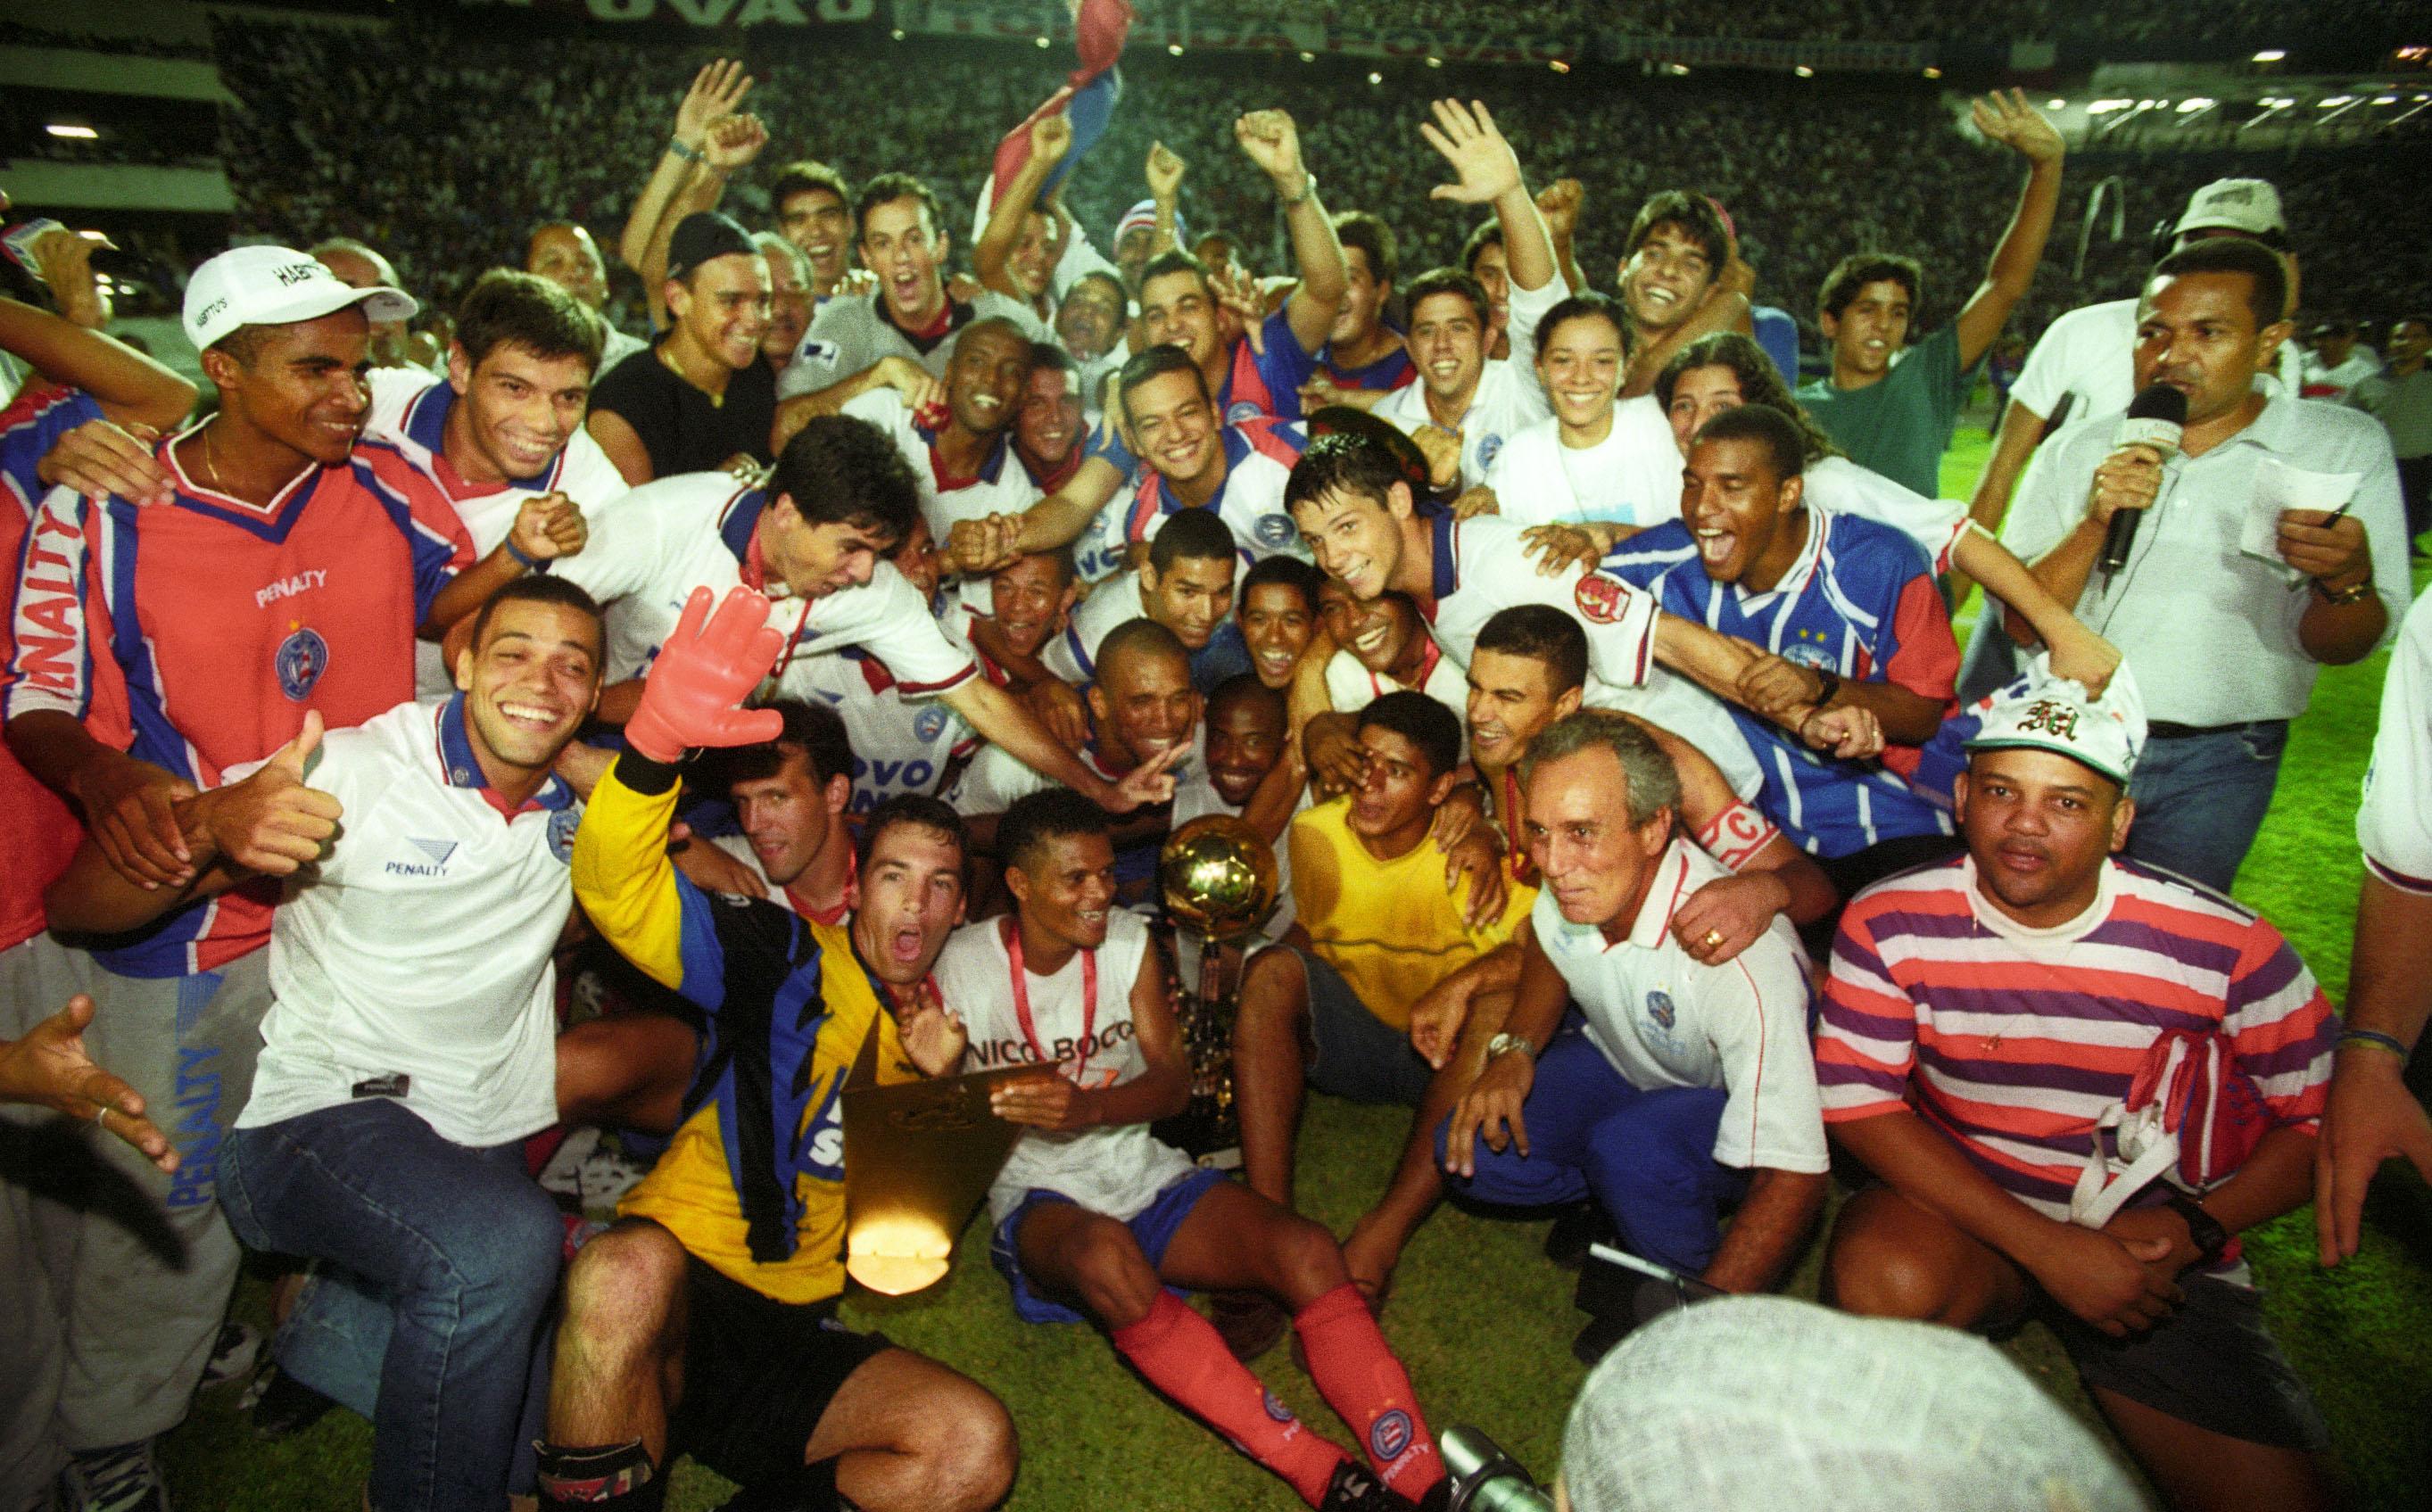 Evaristo de Macedo foi o técnico que levou o Bahia ao seu primeiro título como campeão da Copa Nordeste em 2001, com o placar de 3x1 sobre o Sport.